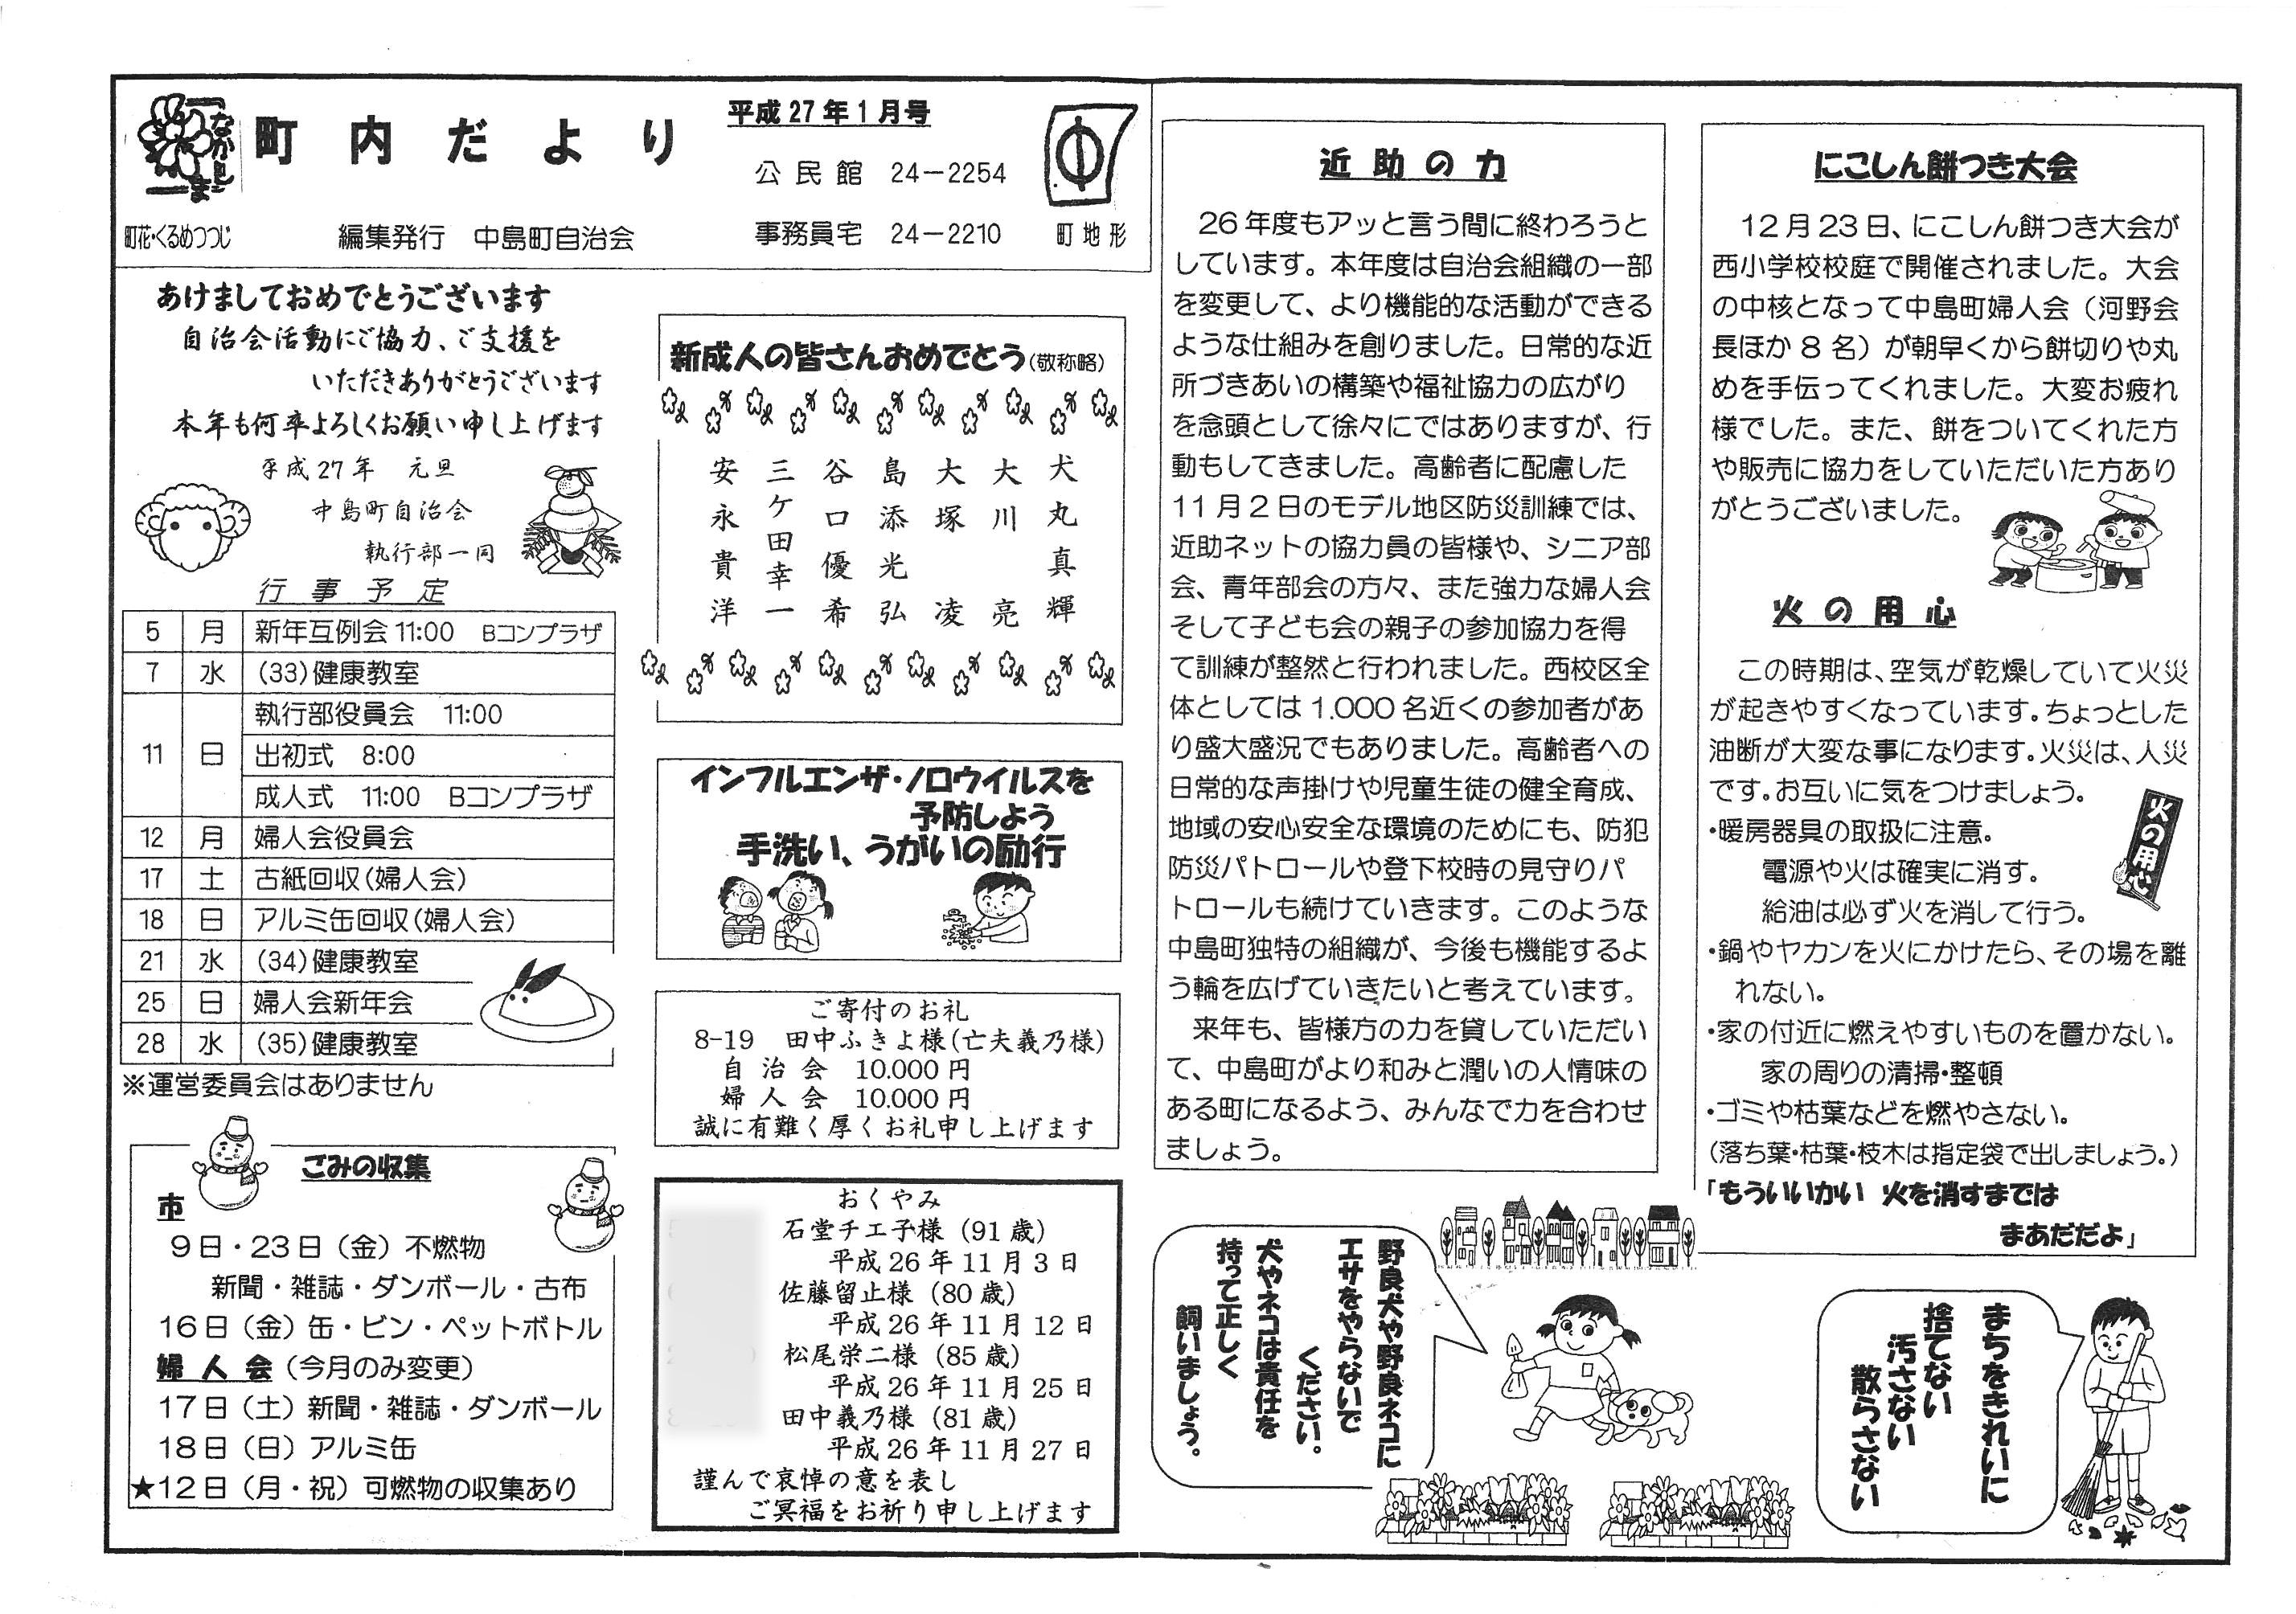 nakashima2015_01